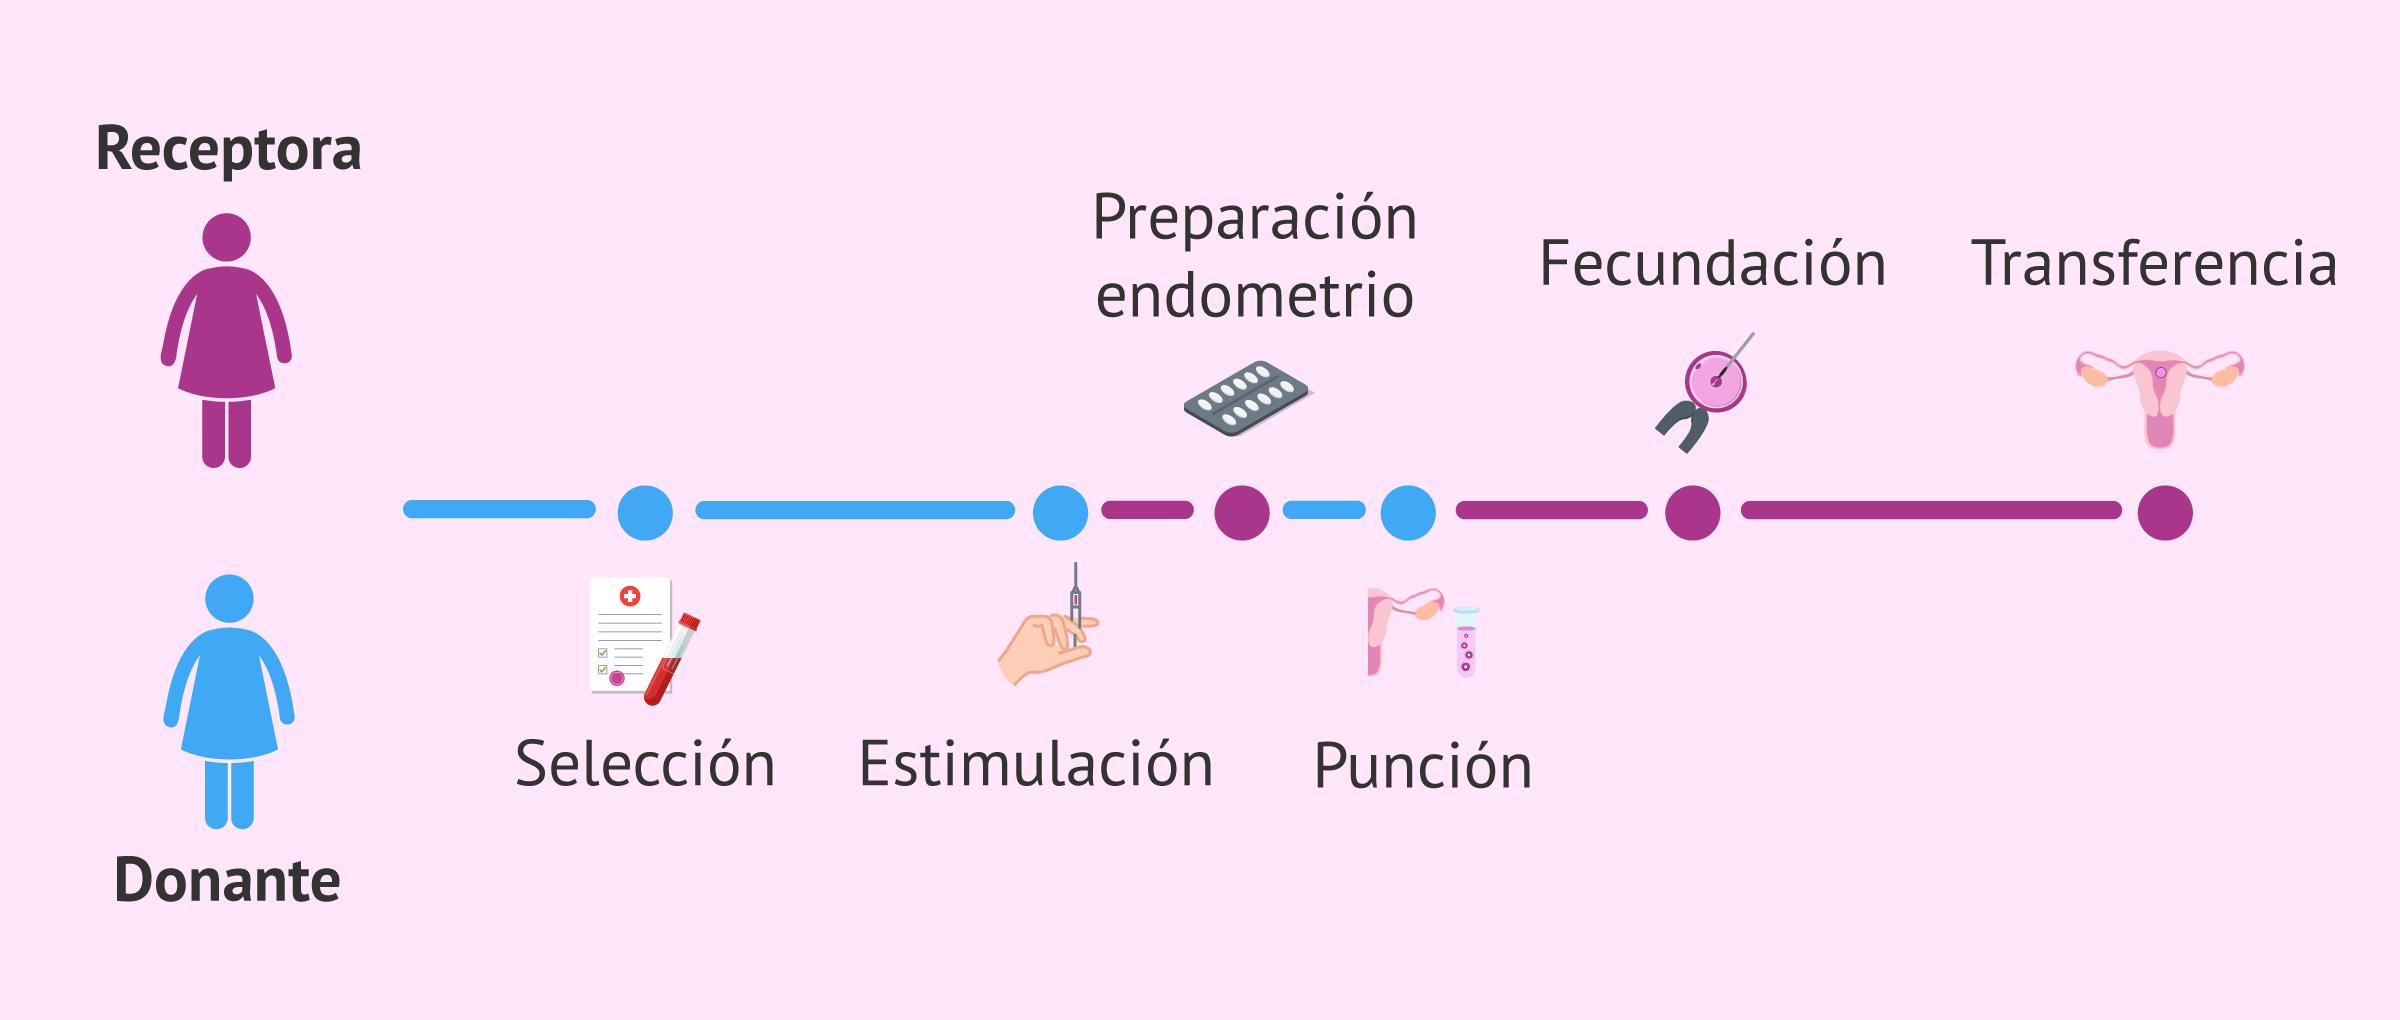 Proceso de la FIV con donación de óvulos